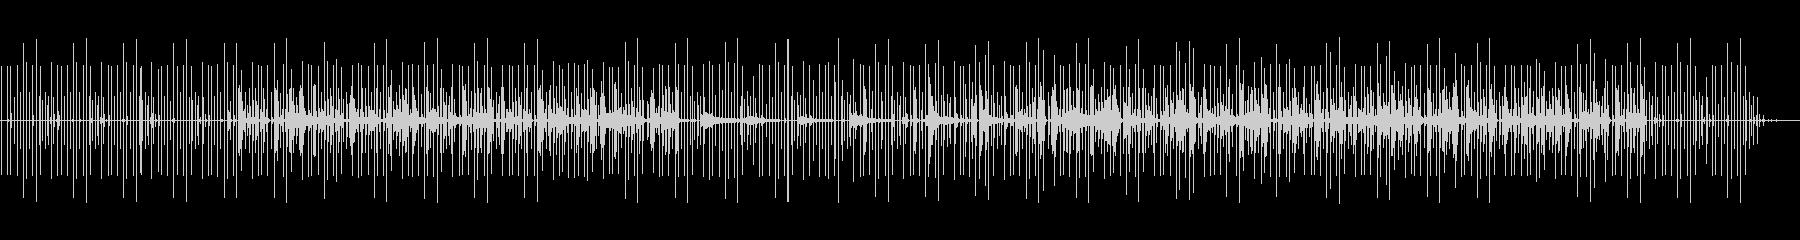 ミステリアスで緊迫感のあるミニマルテクノの未再生の波形